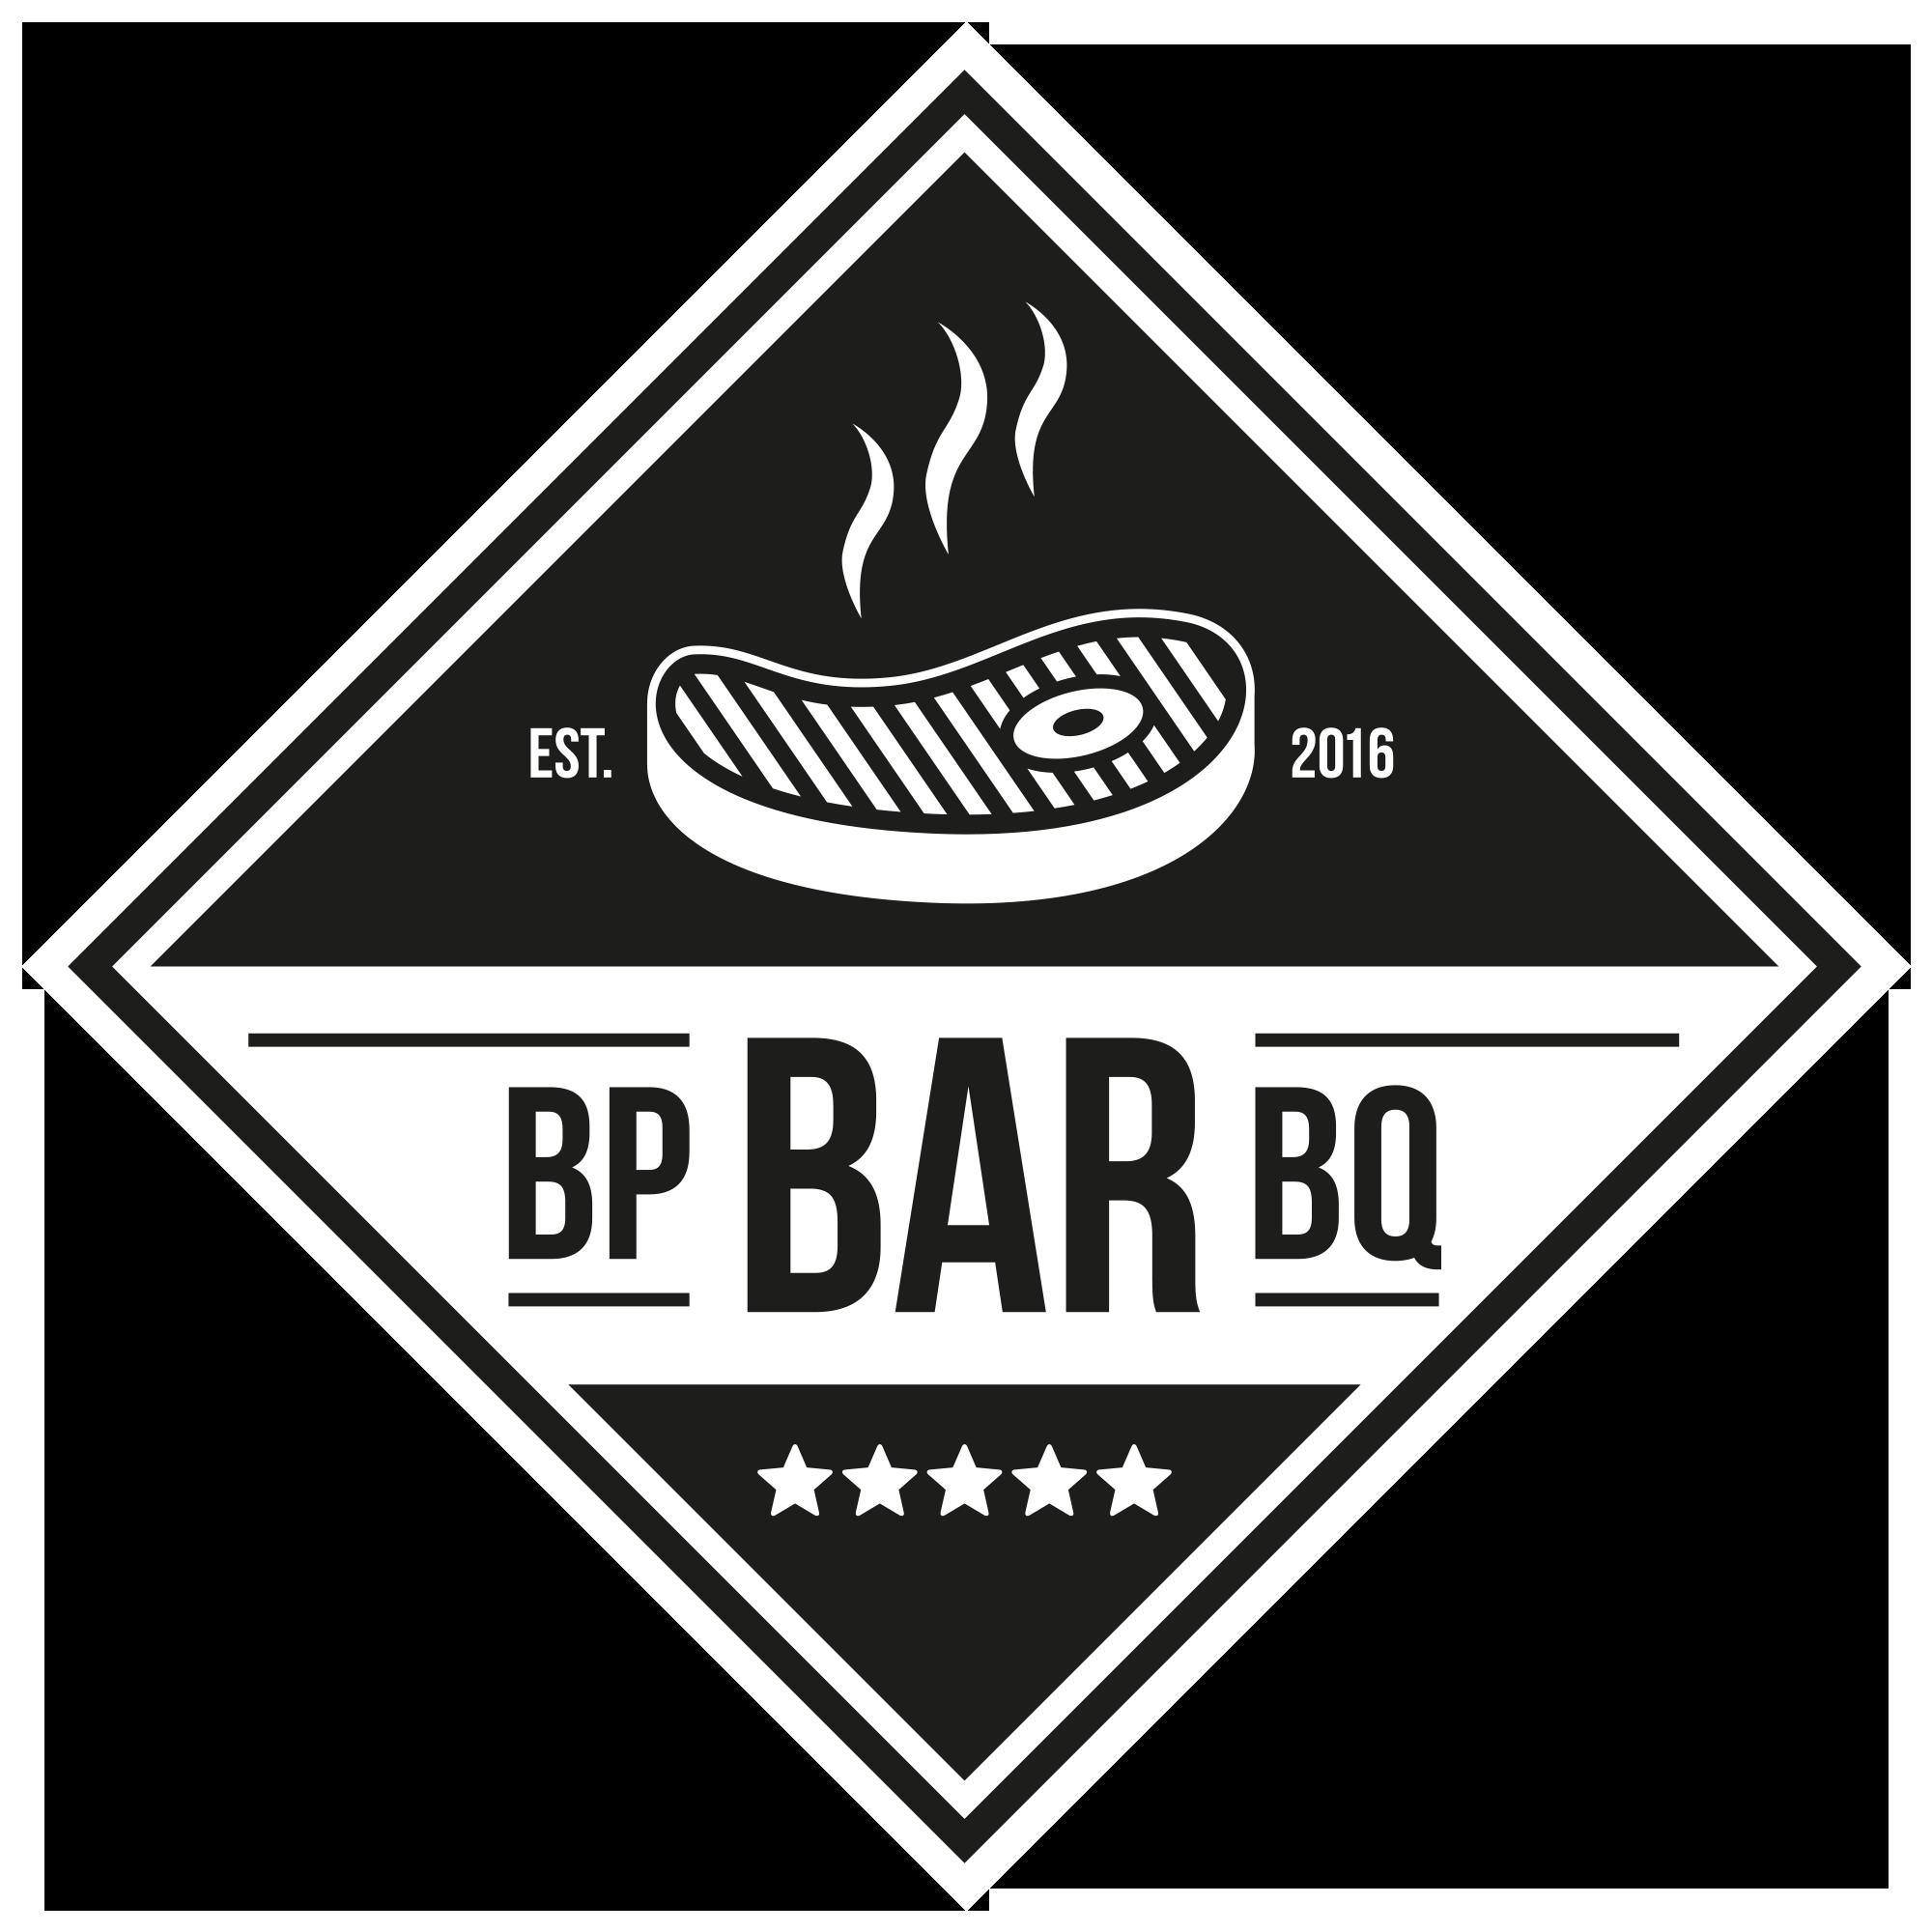 Bp BARbq